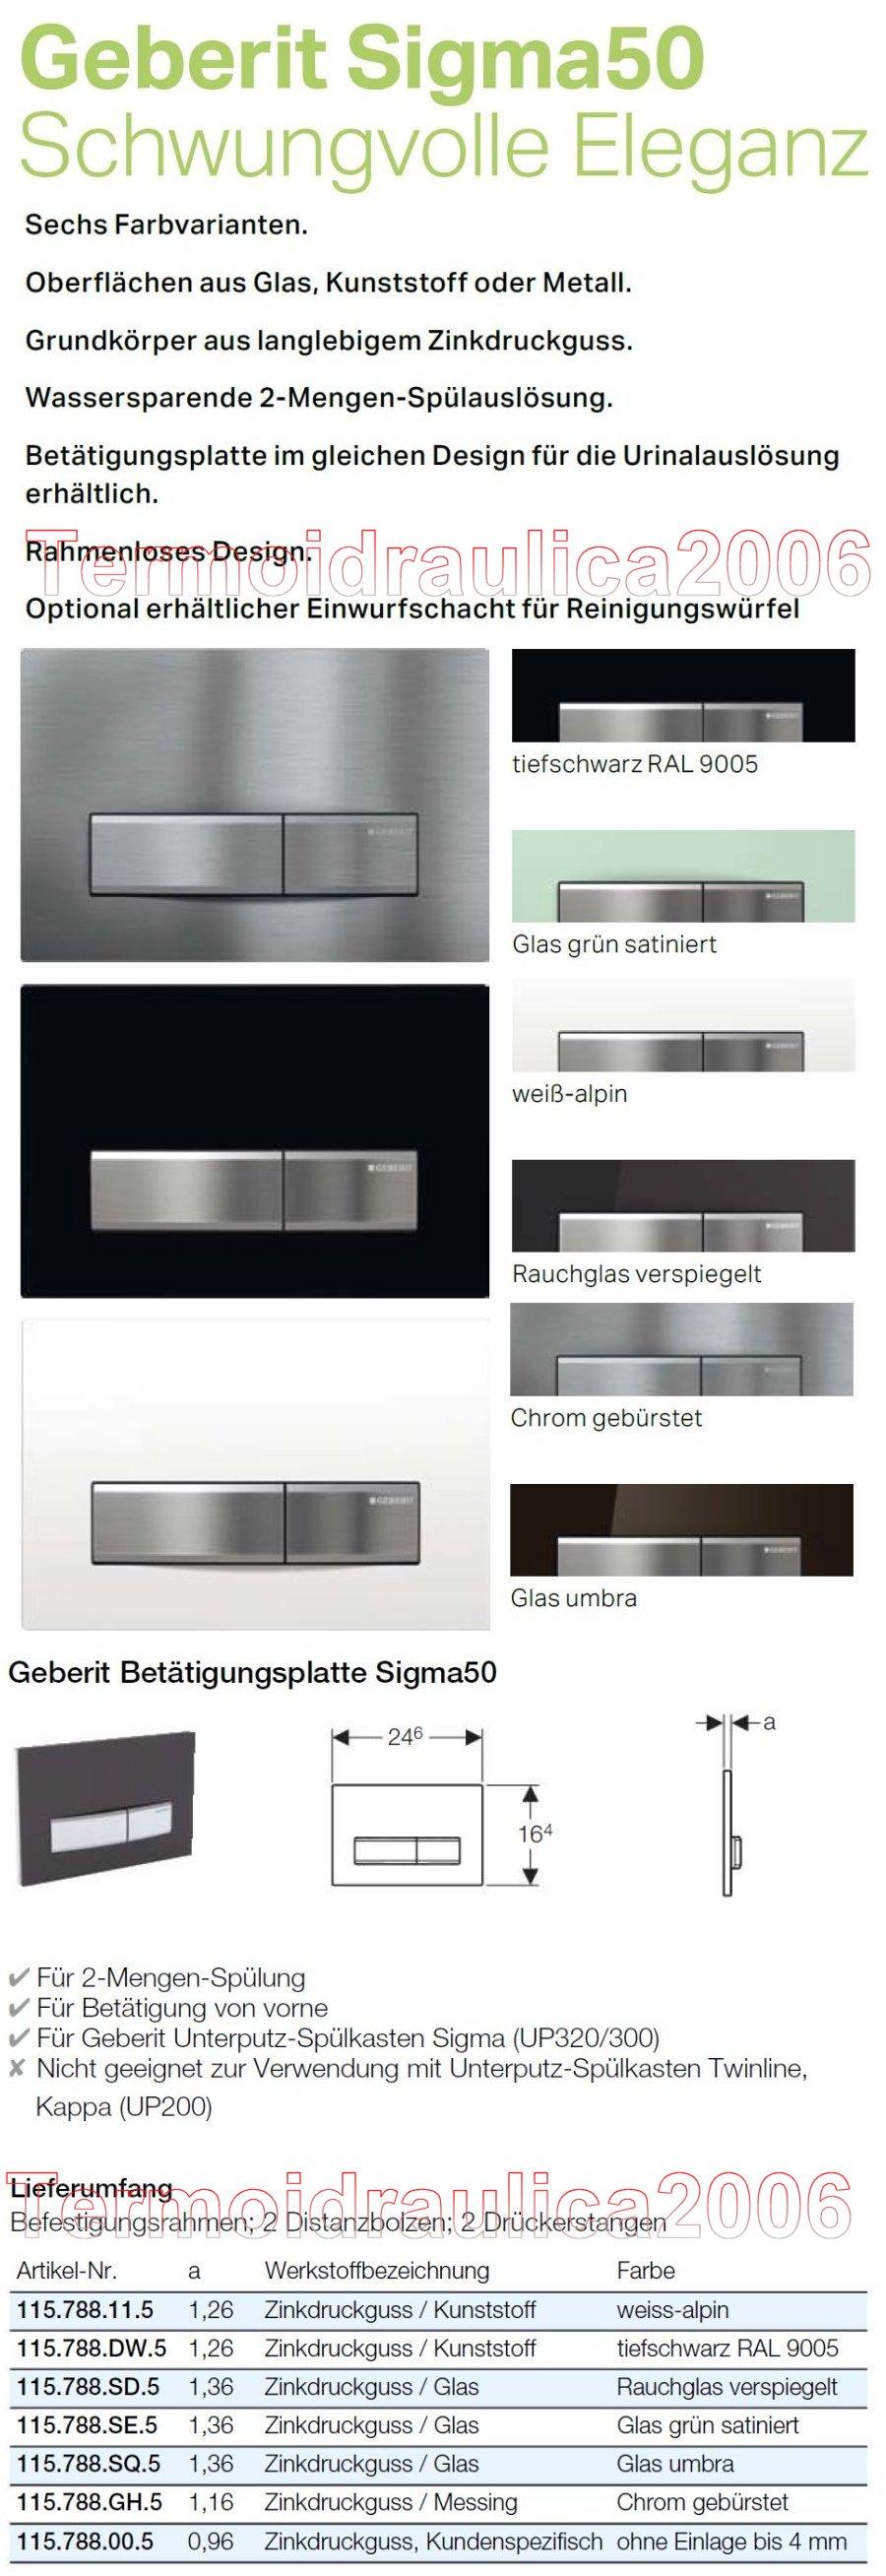 geberit sigma50 bet tigungsplatte 2 mengen rauchglas verspiegelt ebay. Black Bedroom Furniture Sets. Home Design Ideas